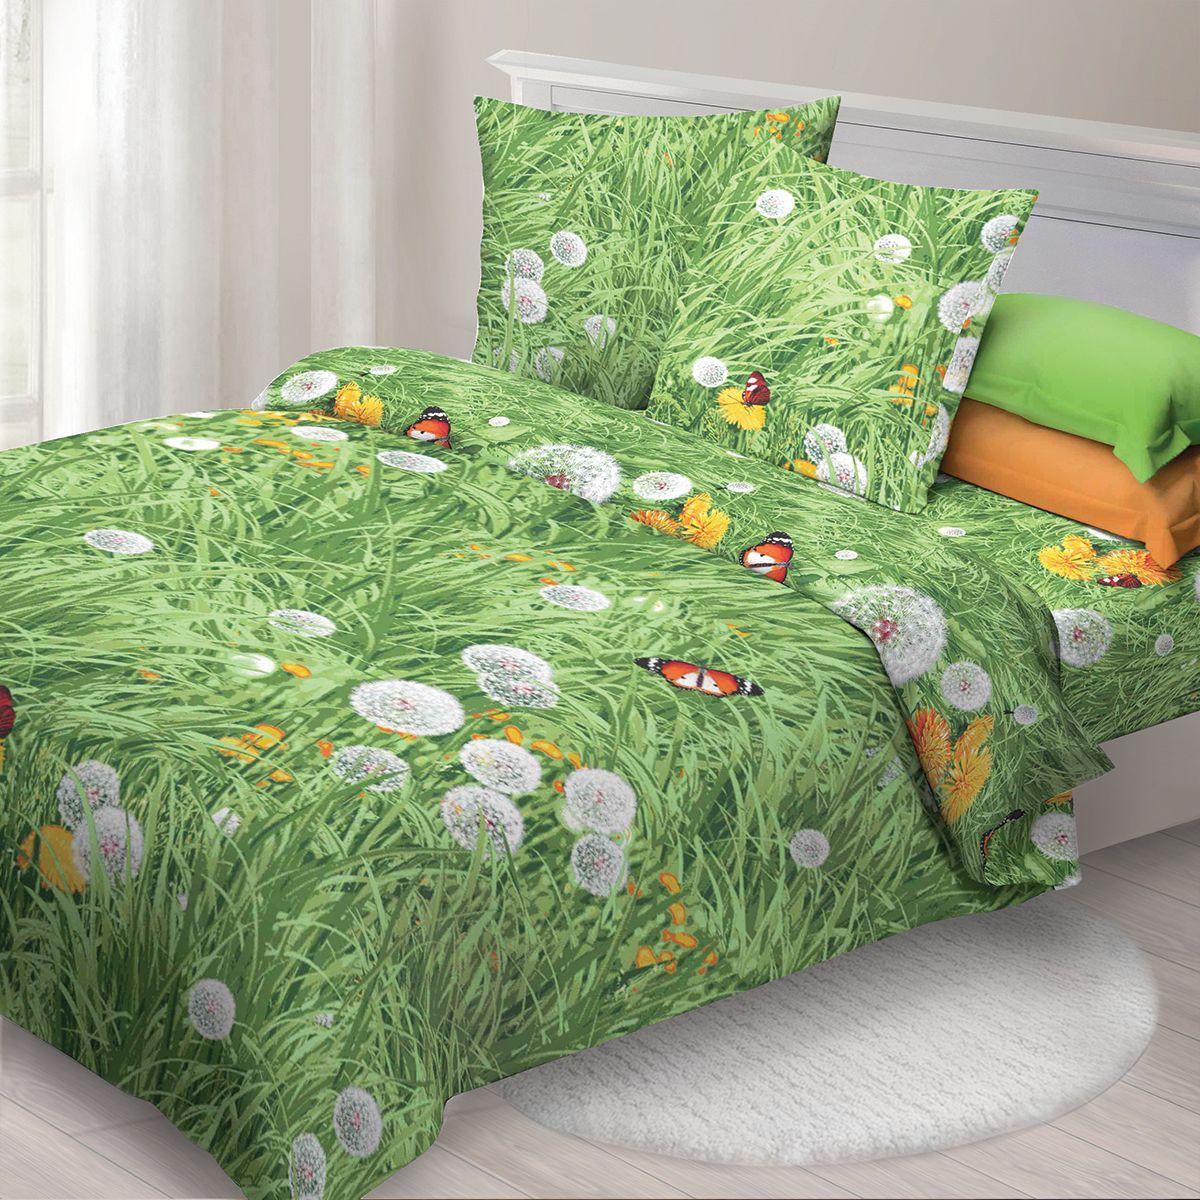 Комплект белья Спал Спалыч Одуванчики, семейный, наволочки 70x70, цвет: зеленый. 3619-184205